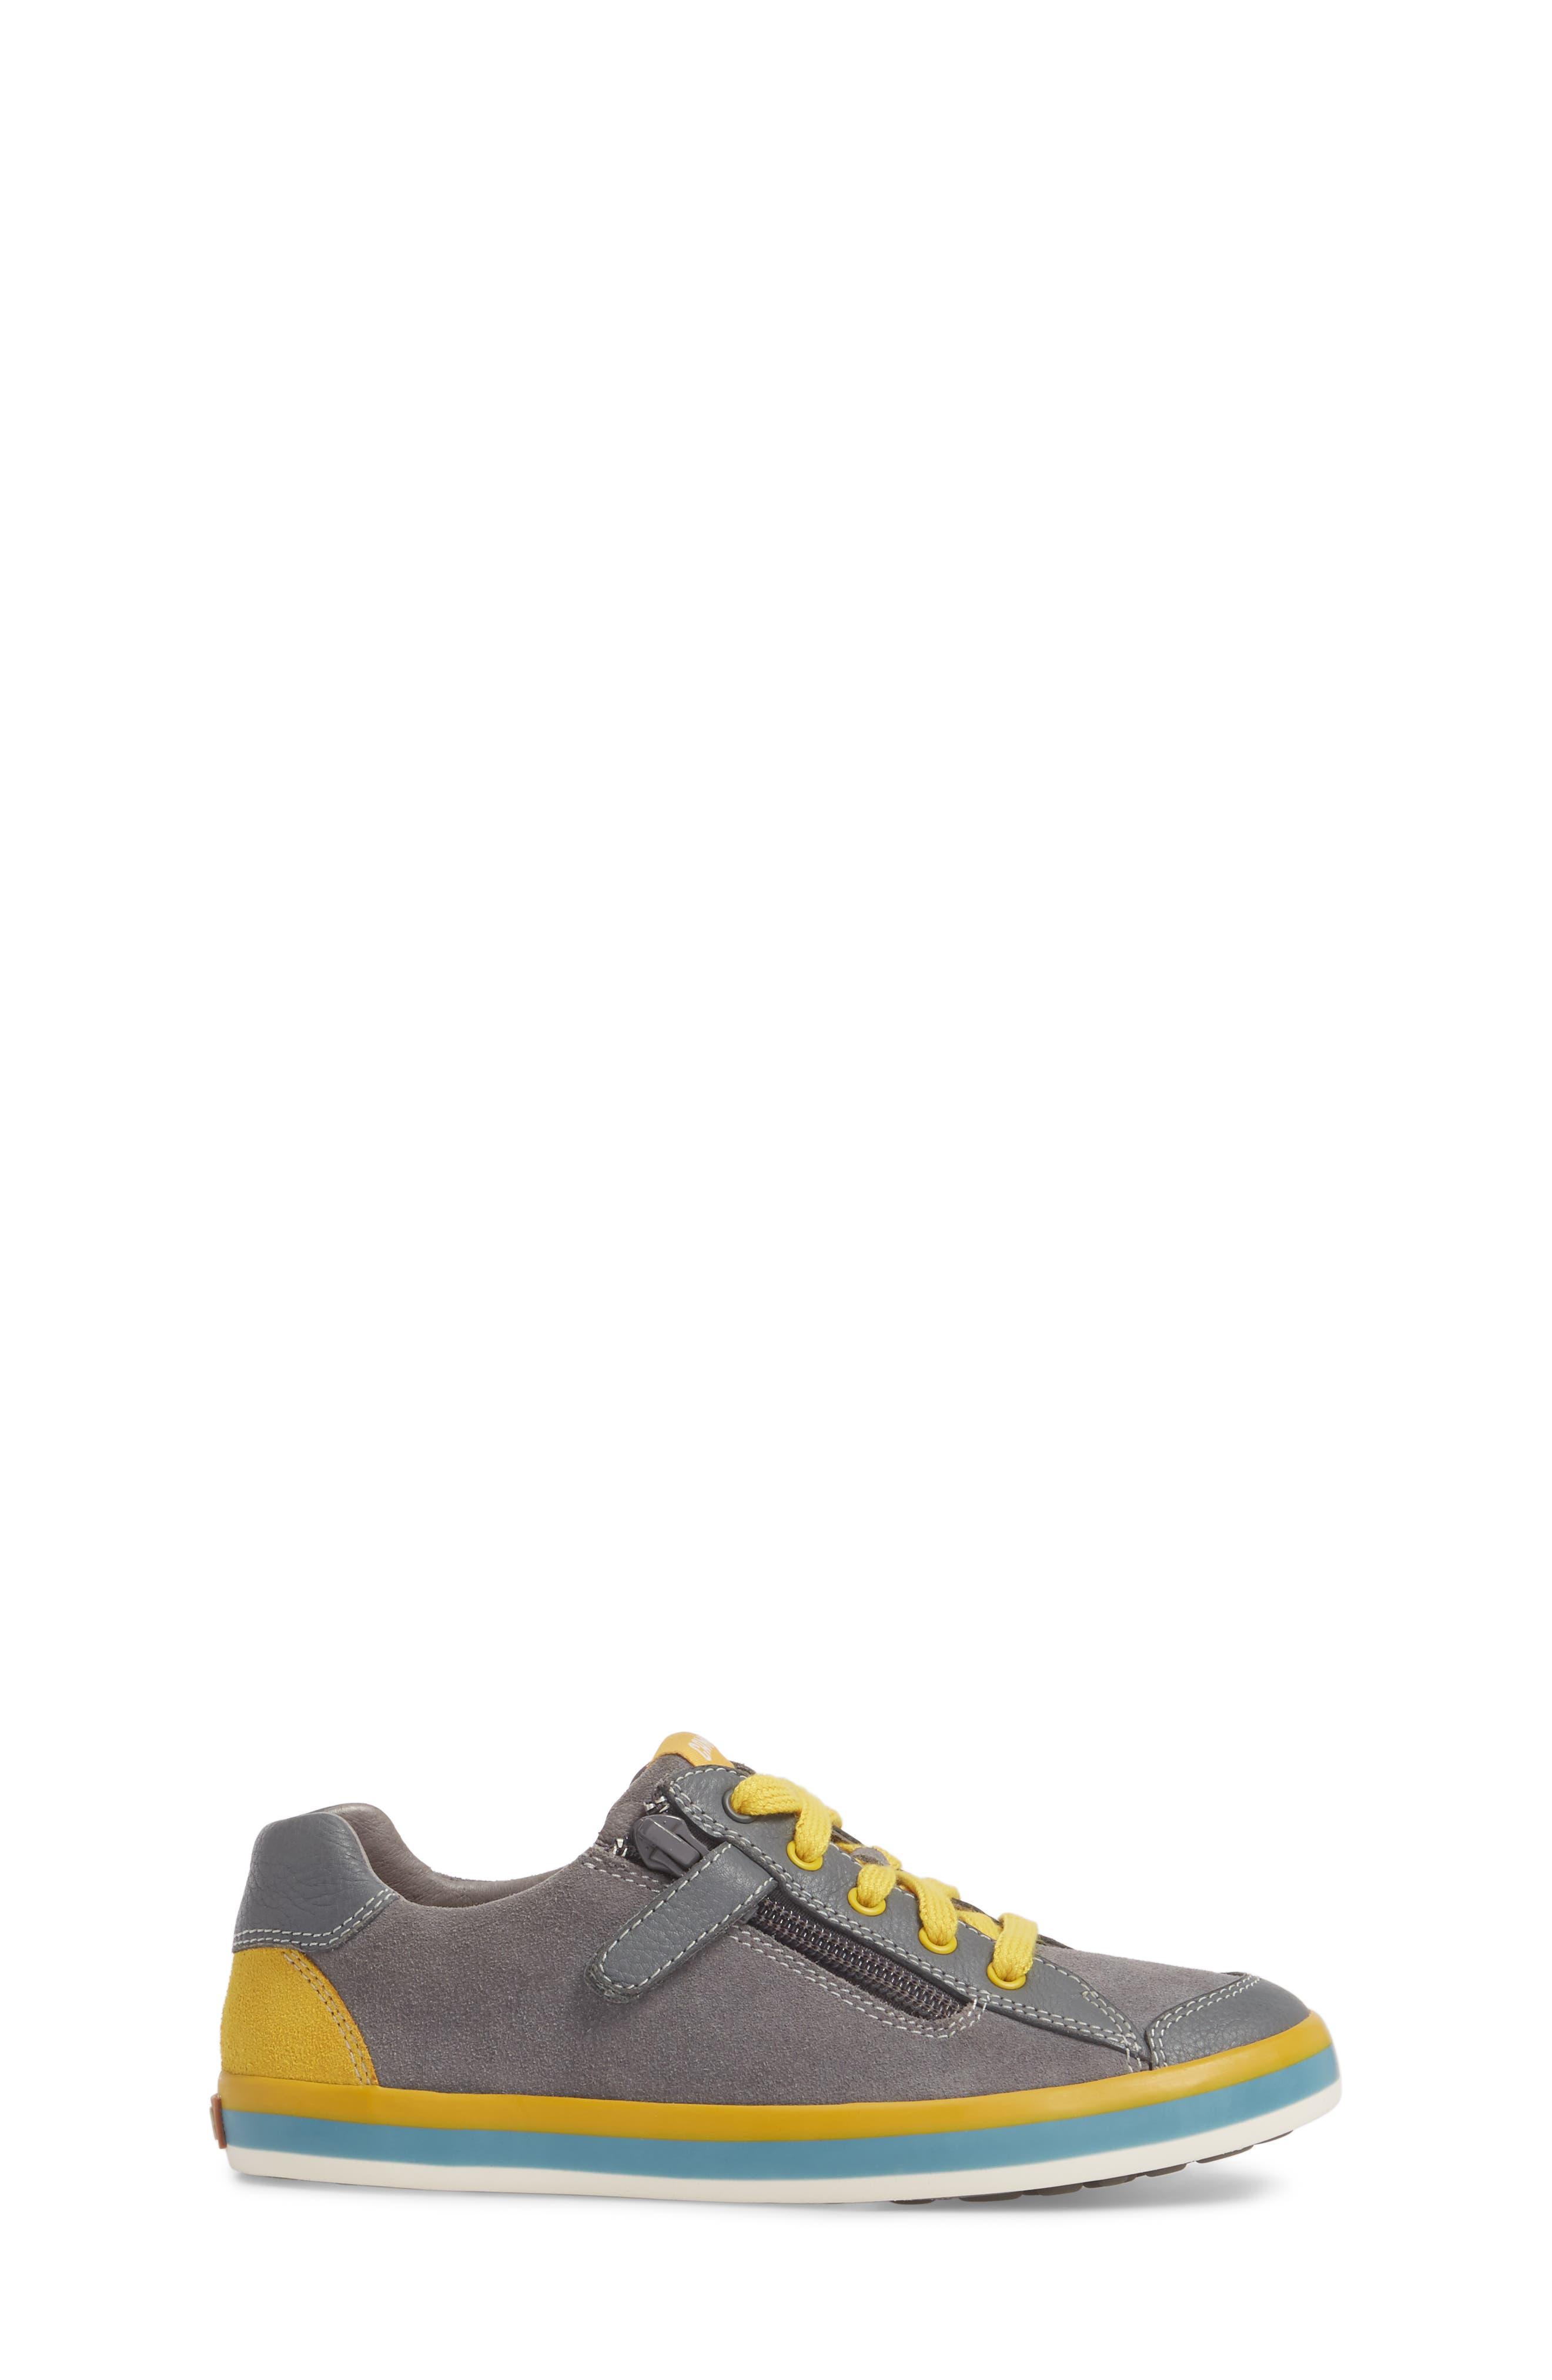 Pursuit Sneaker,                             Alternate thumbnail 3, color,                             030